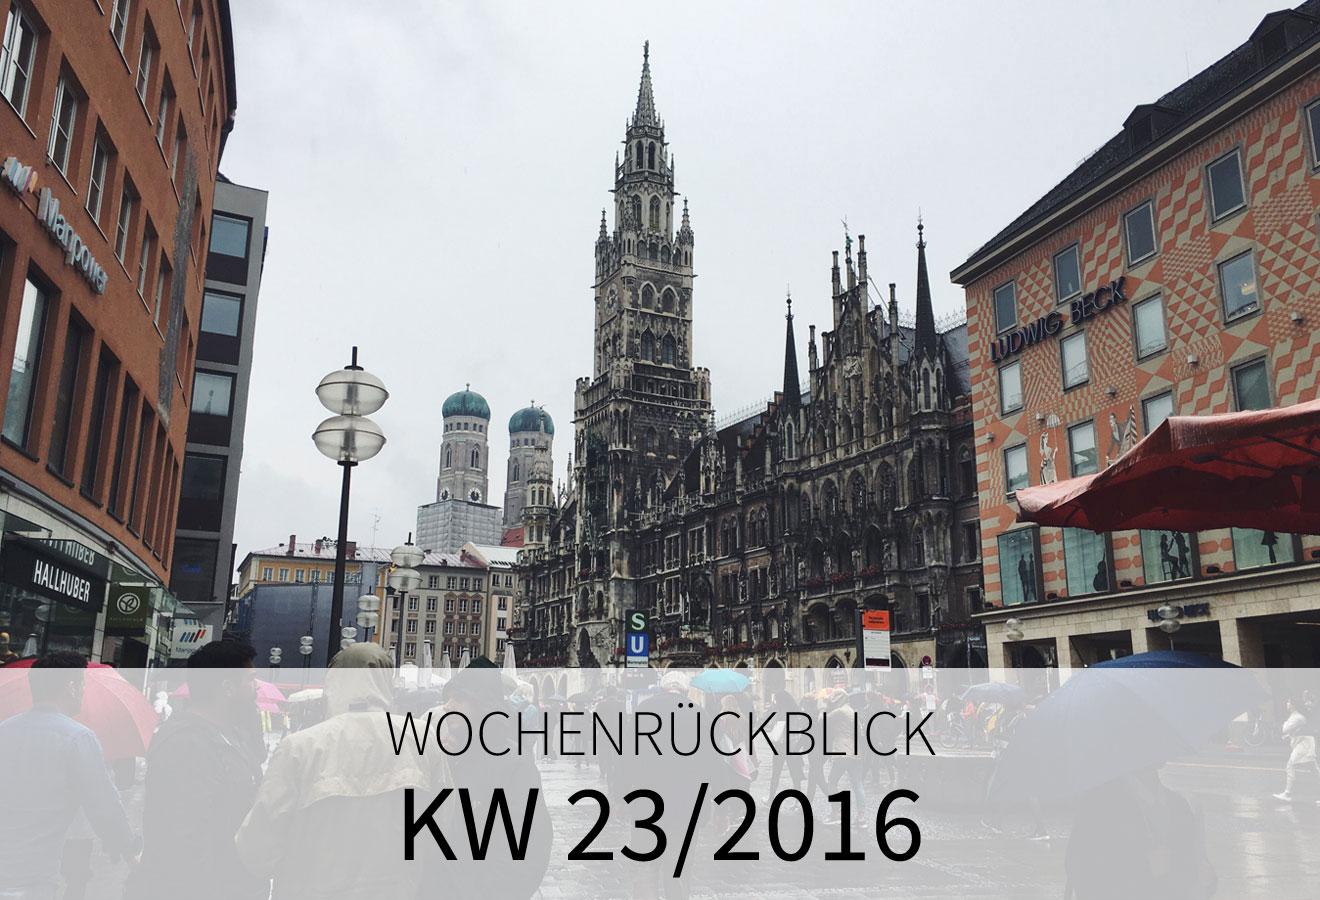 KW 23/2016 - Europa Park. München. Urlaub.